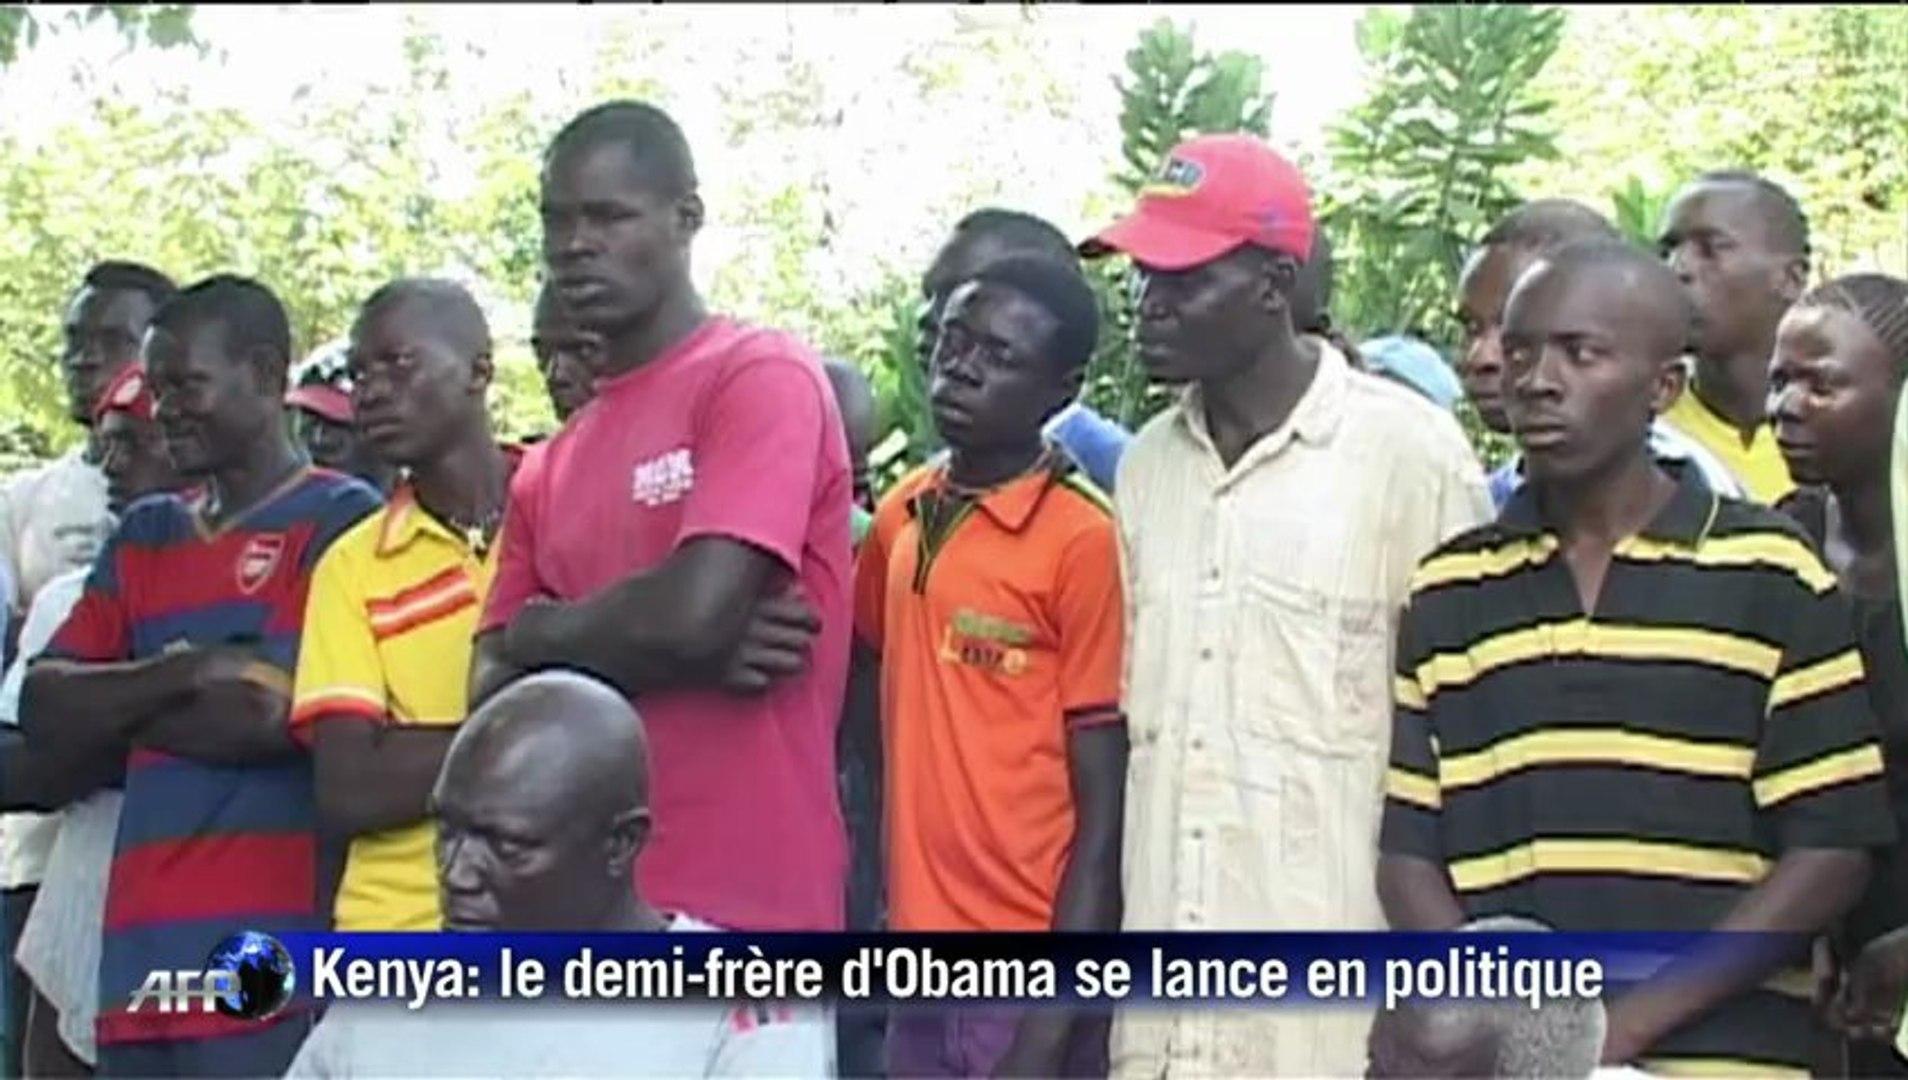 Le demi-frère kényan d'Obama se lance en politique au Kenya